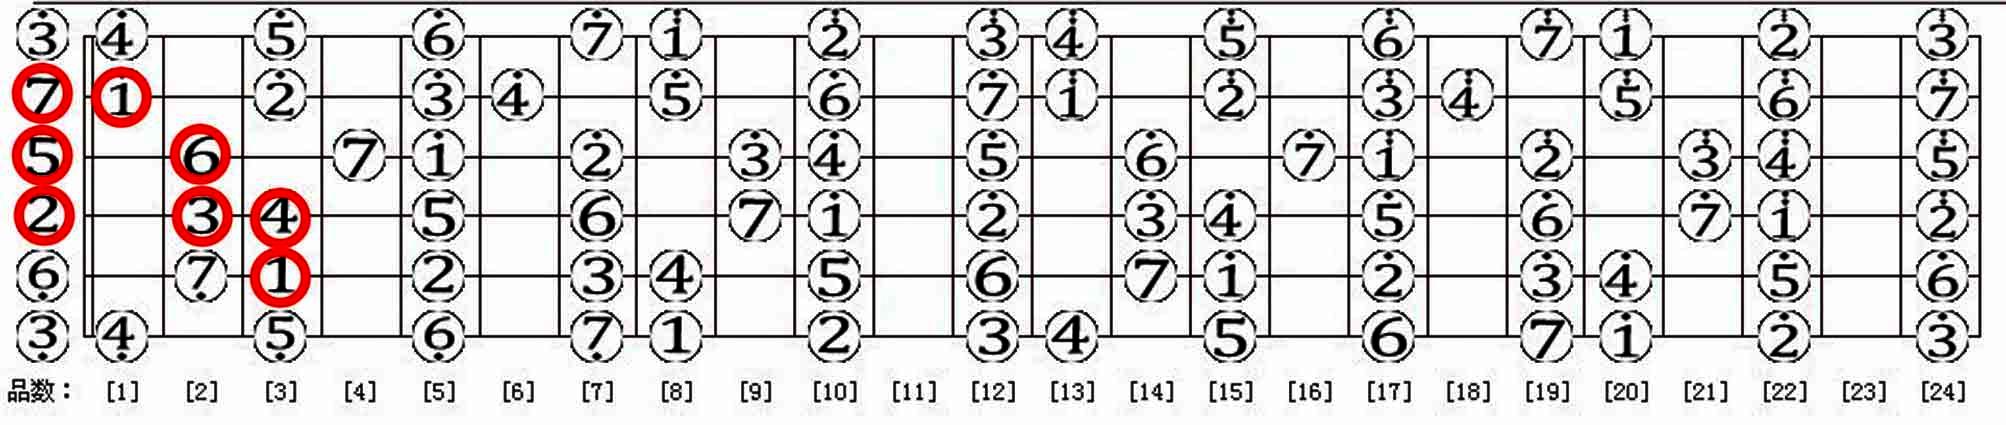 吉他1234567怎么弹图解